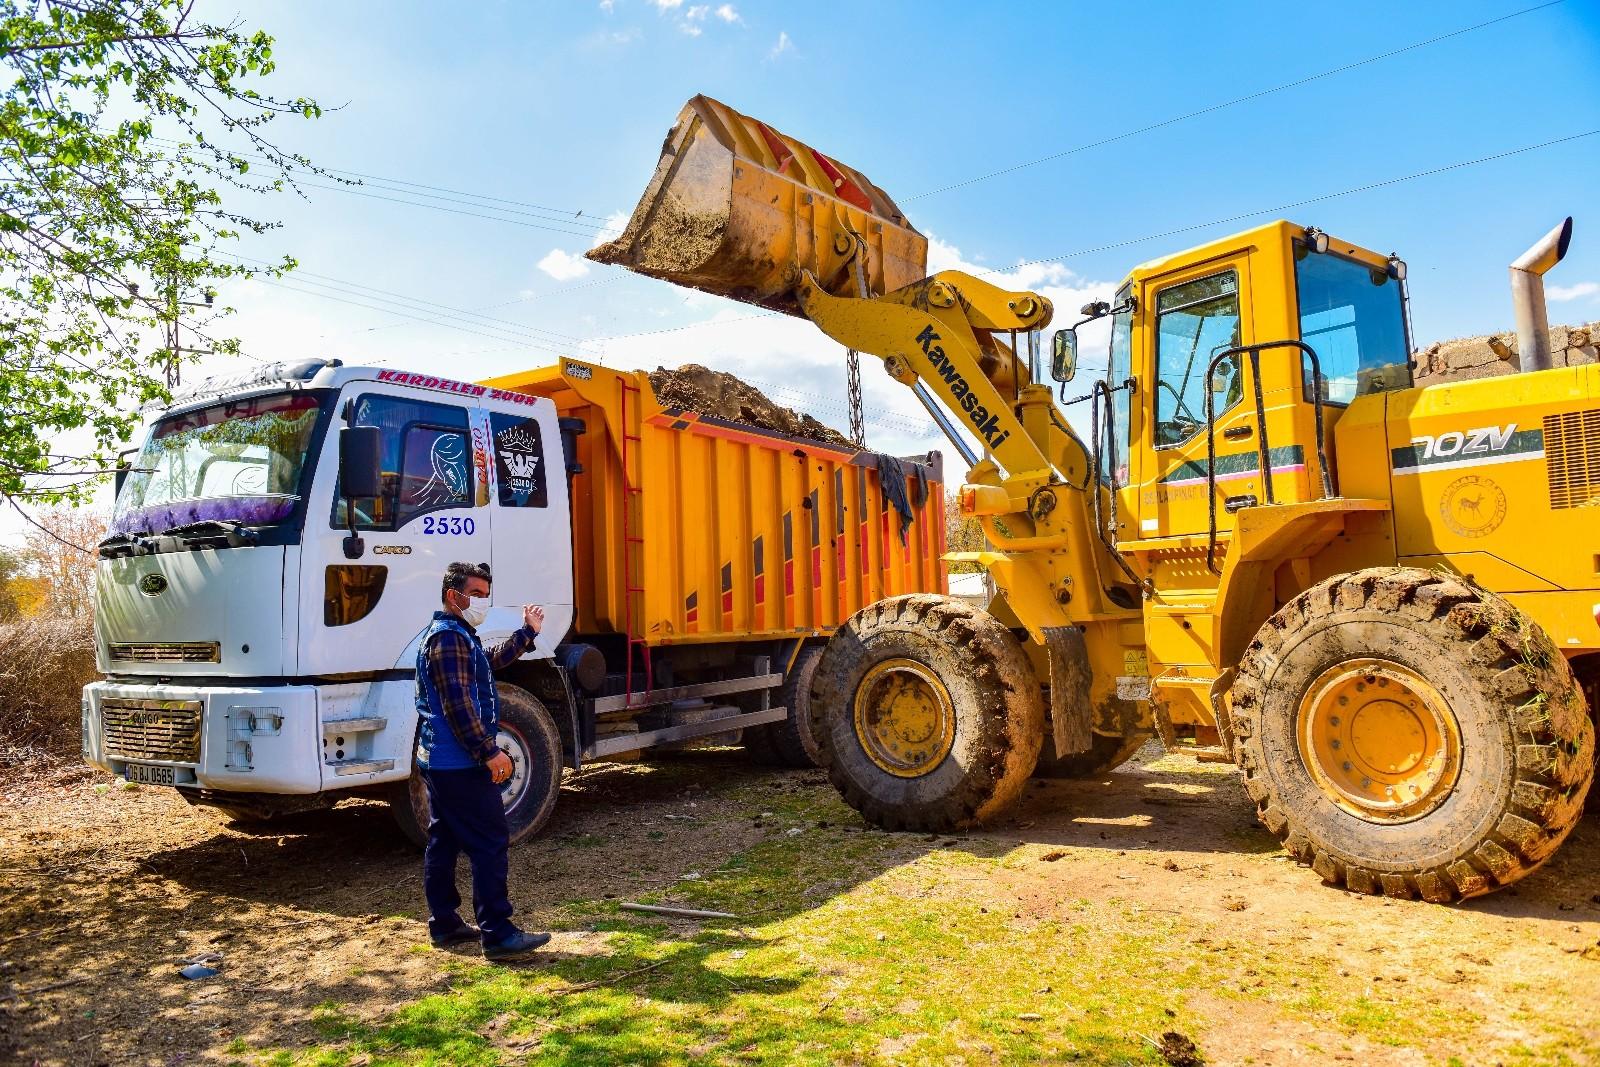 Ceylanpınar Belediyesi ilçe kırsalındaki bahar temizliğini sürdürüyor